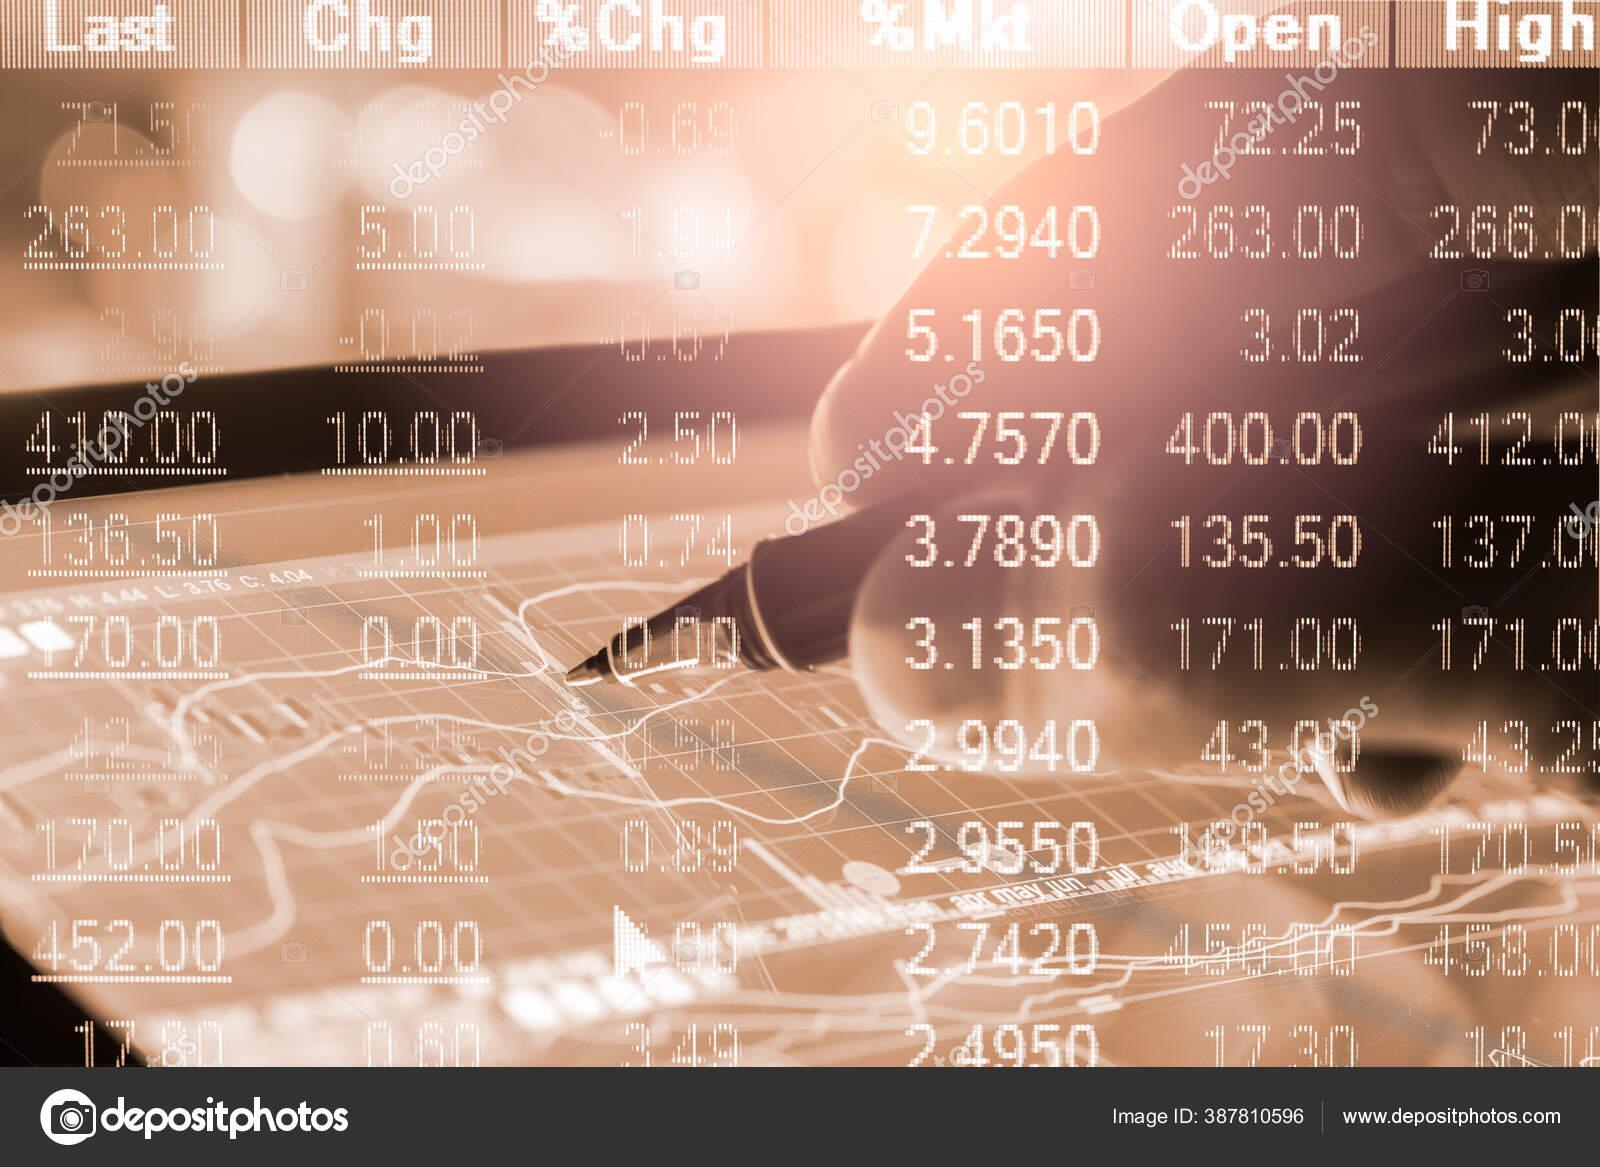 internetes beruházások 2020-ban tokenek listája